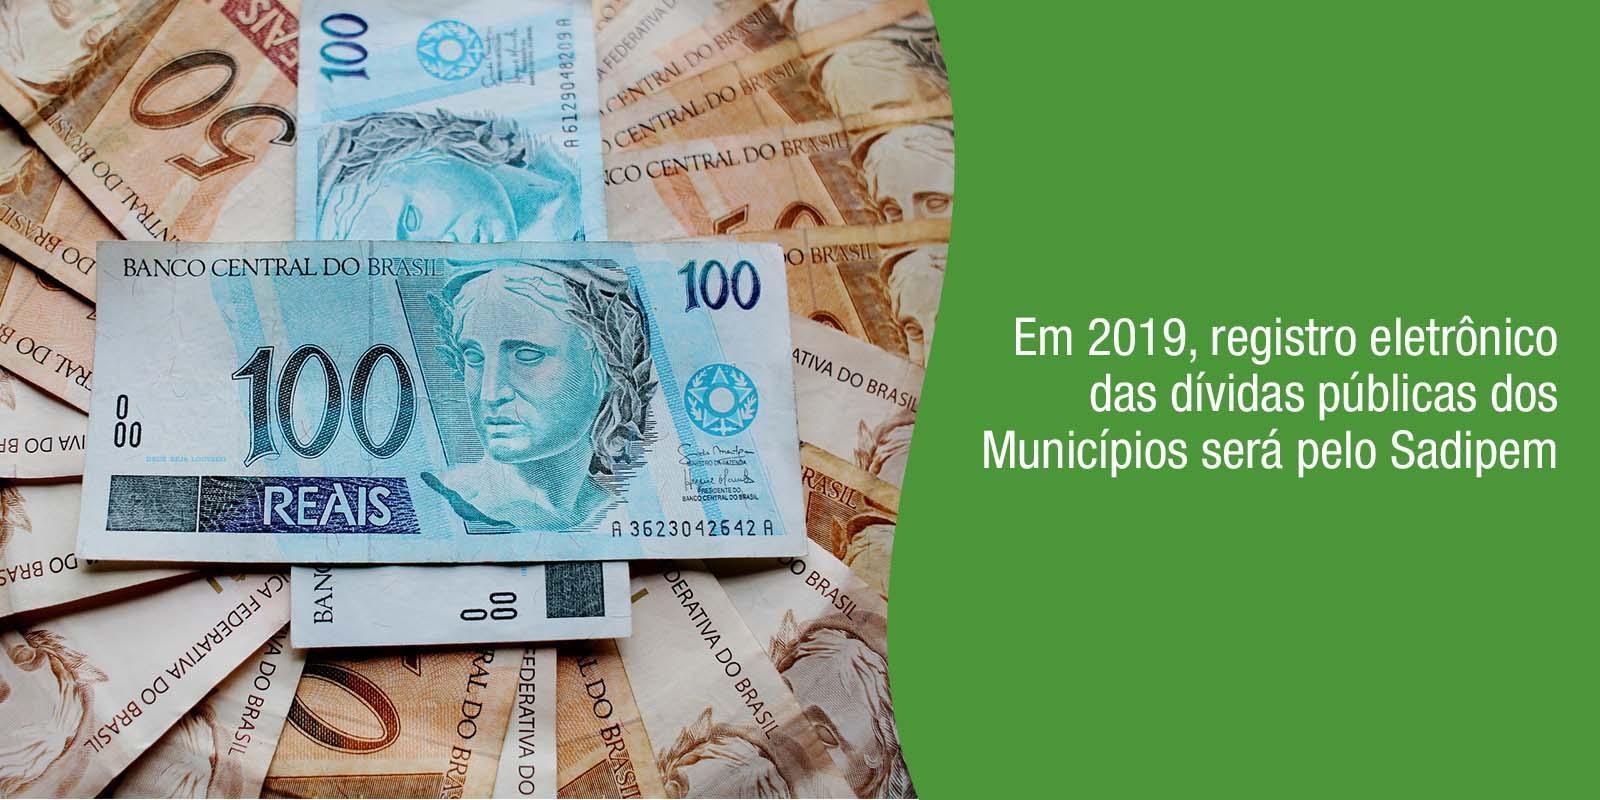 Em 2019, registro eletrônico das dívidas públicas dos Municípios será pelo Sadipem